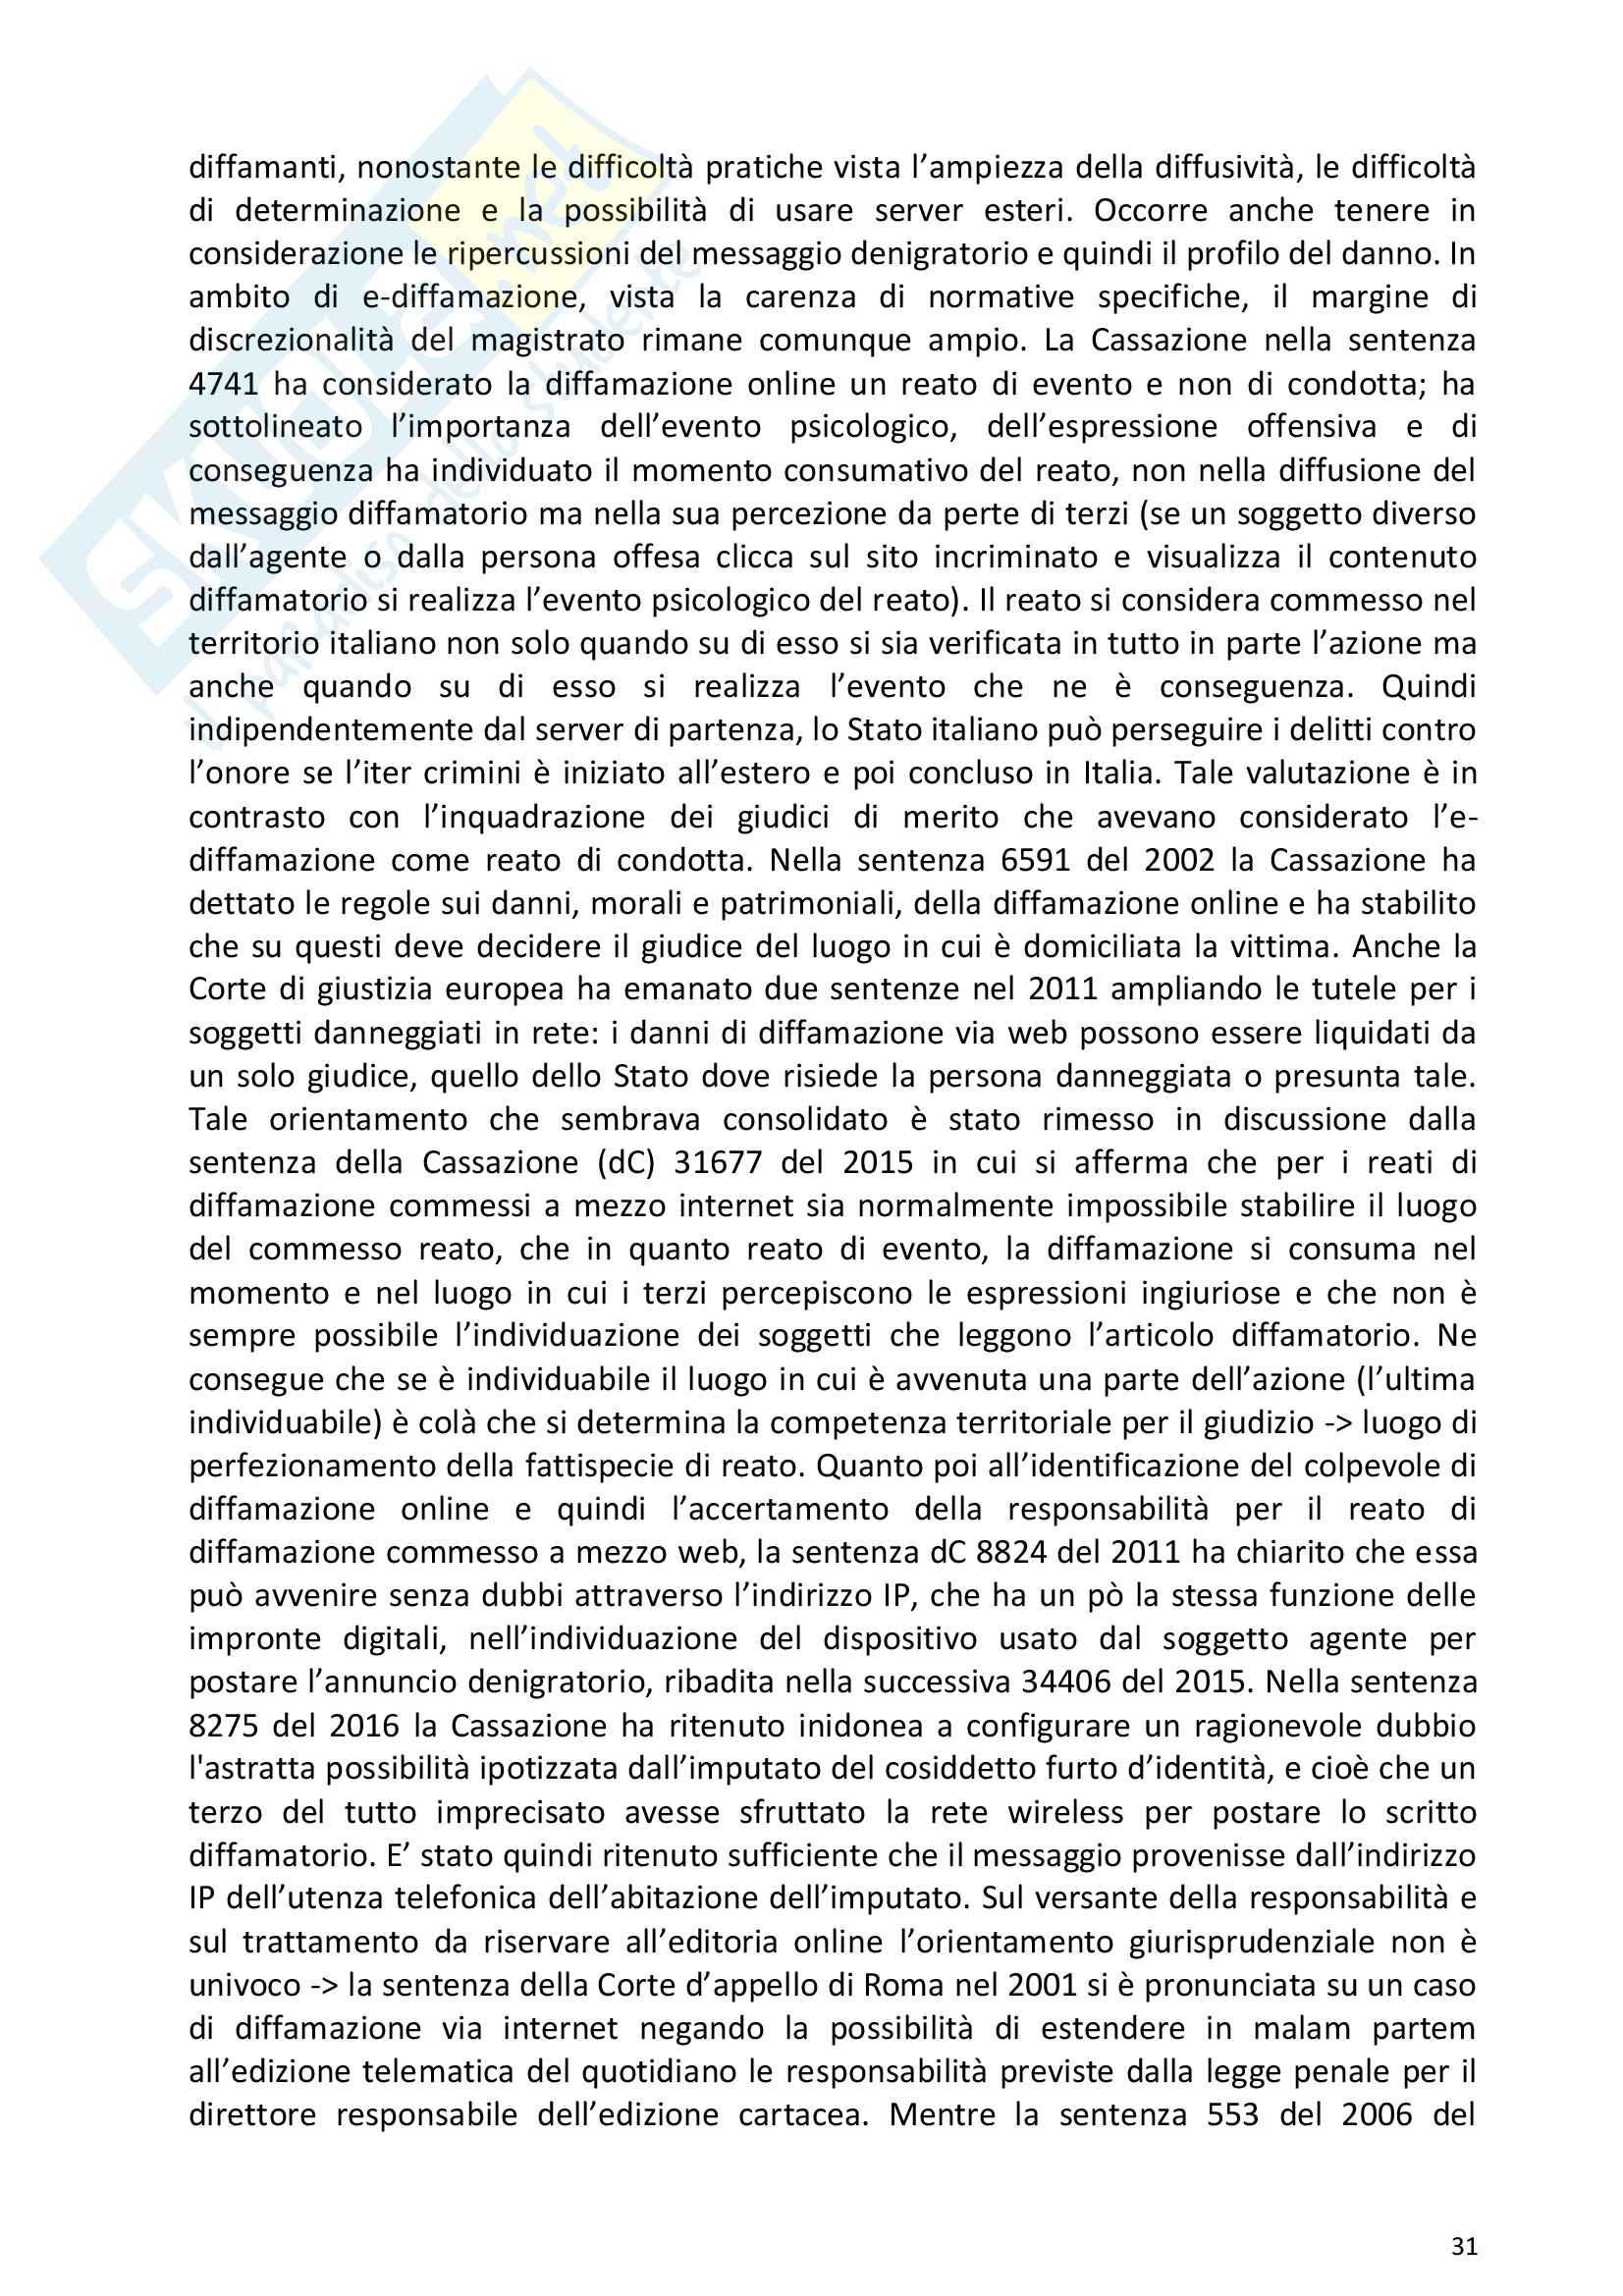 Riassunto esame Diritto della comunicazione per le imprese e i media, prof. Razzante. Libro consigliato Manuale di diritto dell'informazione e della comunicazione (Settima 7 edizione), Razzante (cap. 1,3,5,6,7,8,9) Pag. 31